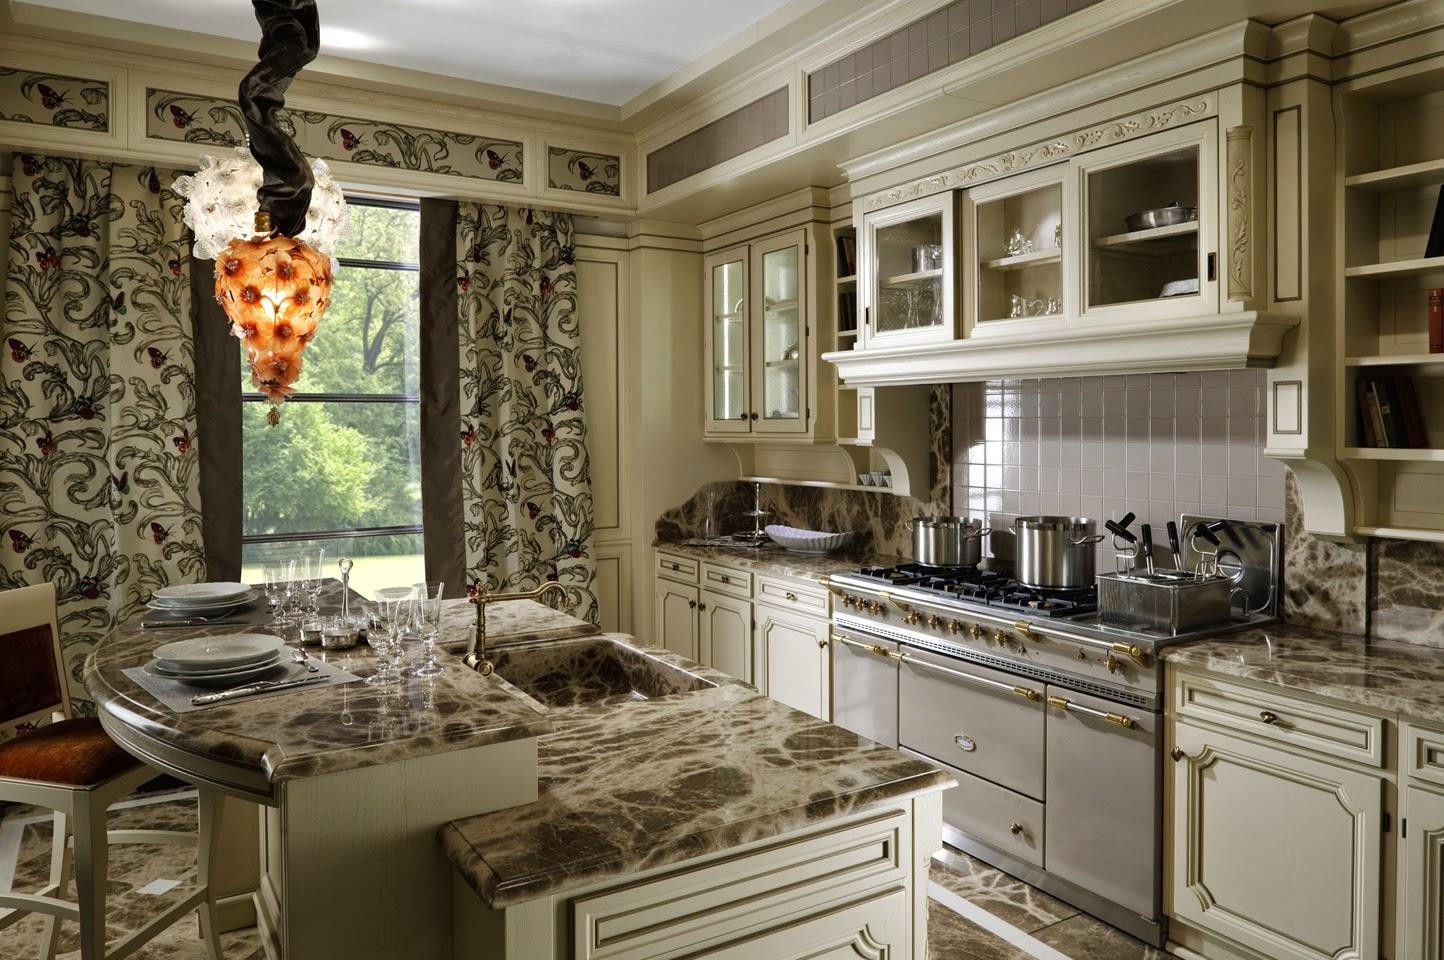 Воплотить итатьянский стиль можно даже на небольшой кухне